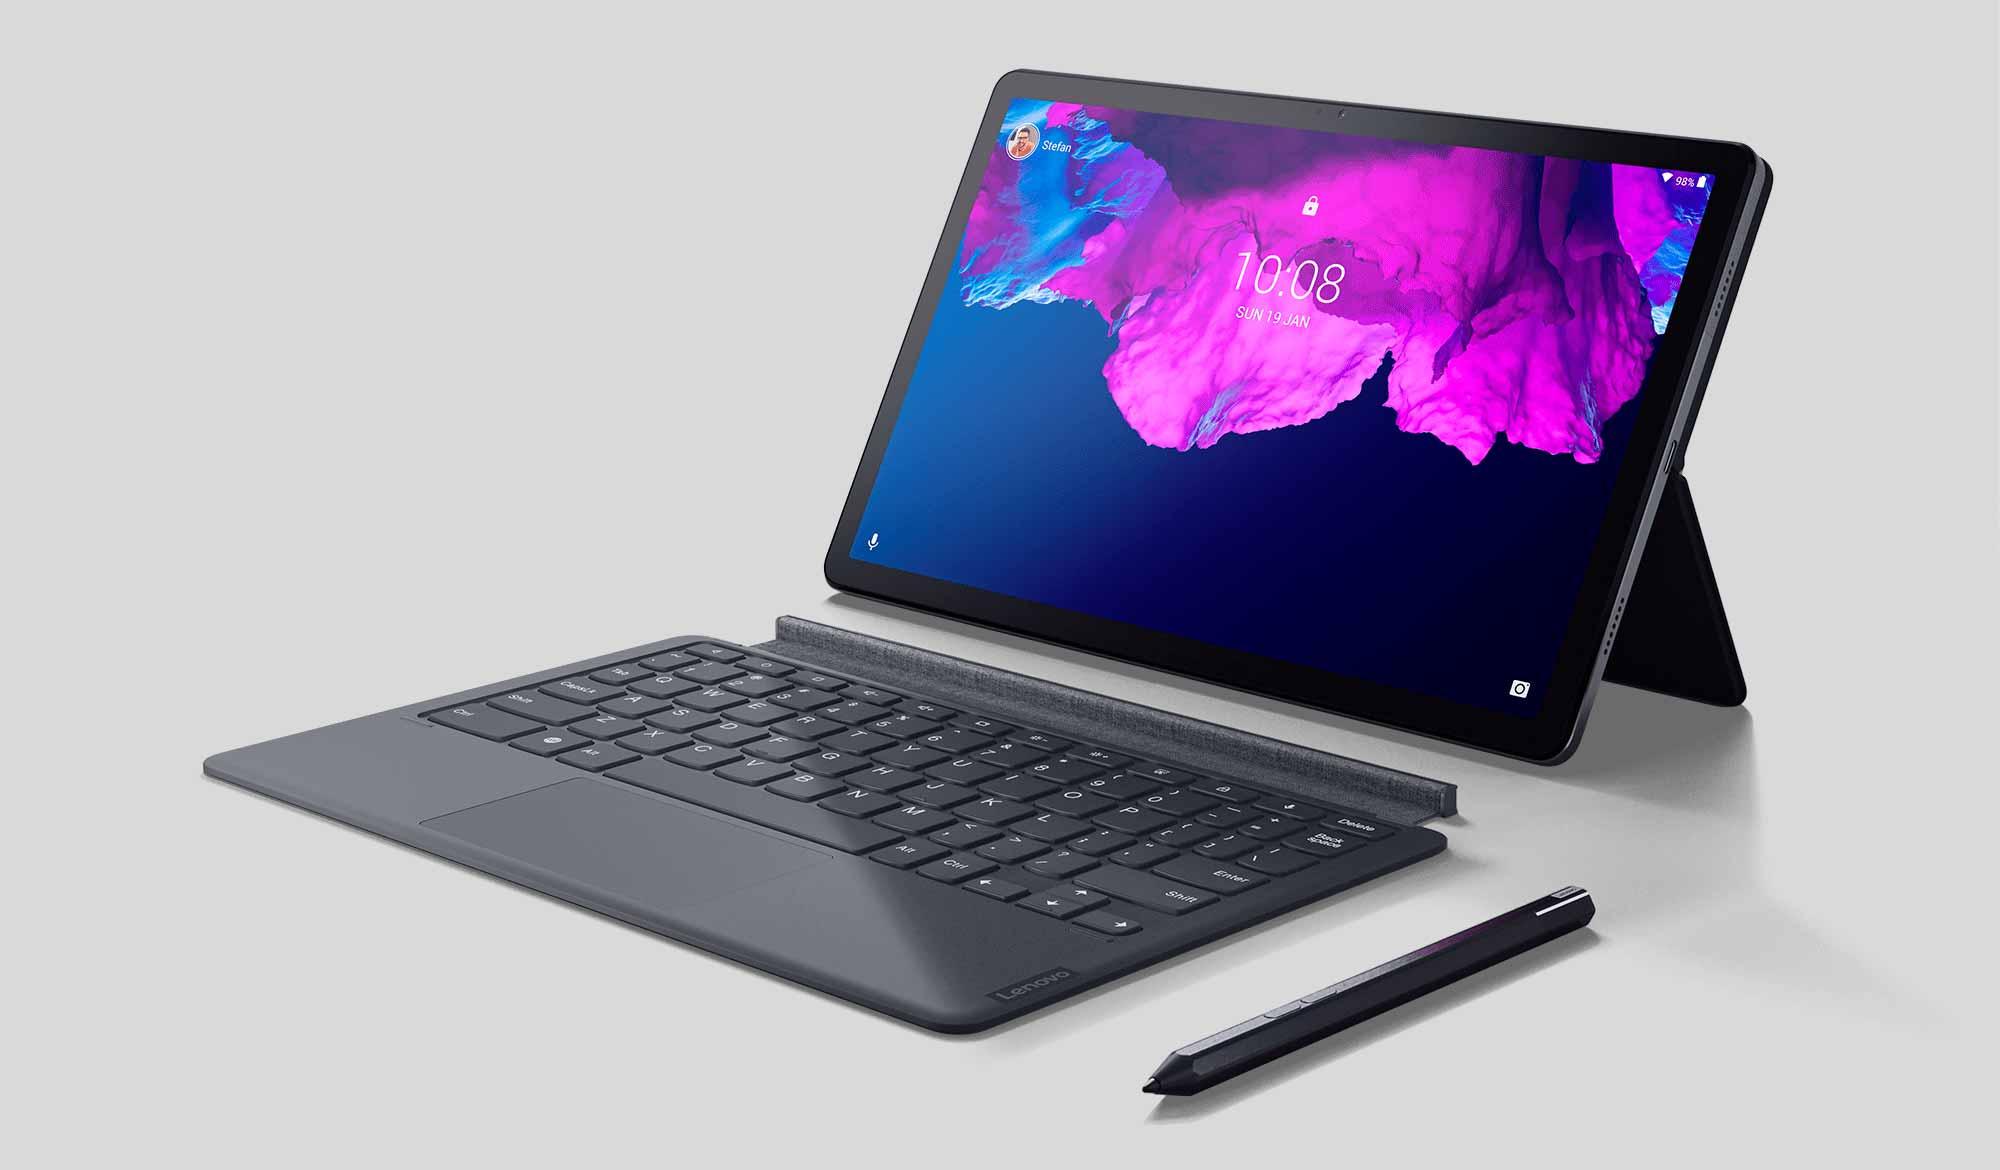 Lenovo en el CES 2021: ¿con qué novedades nos sorprenderá?